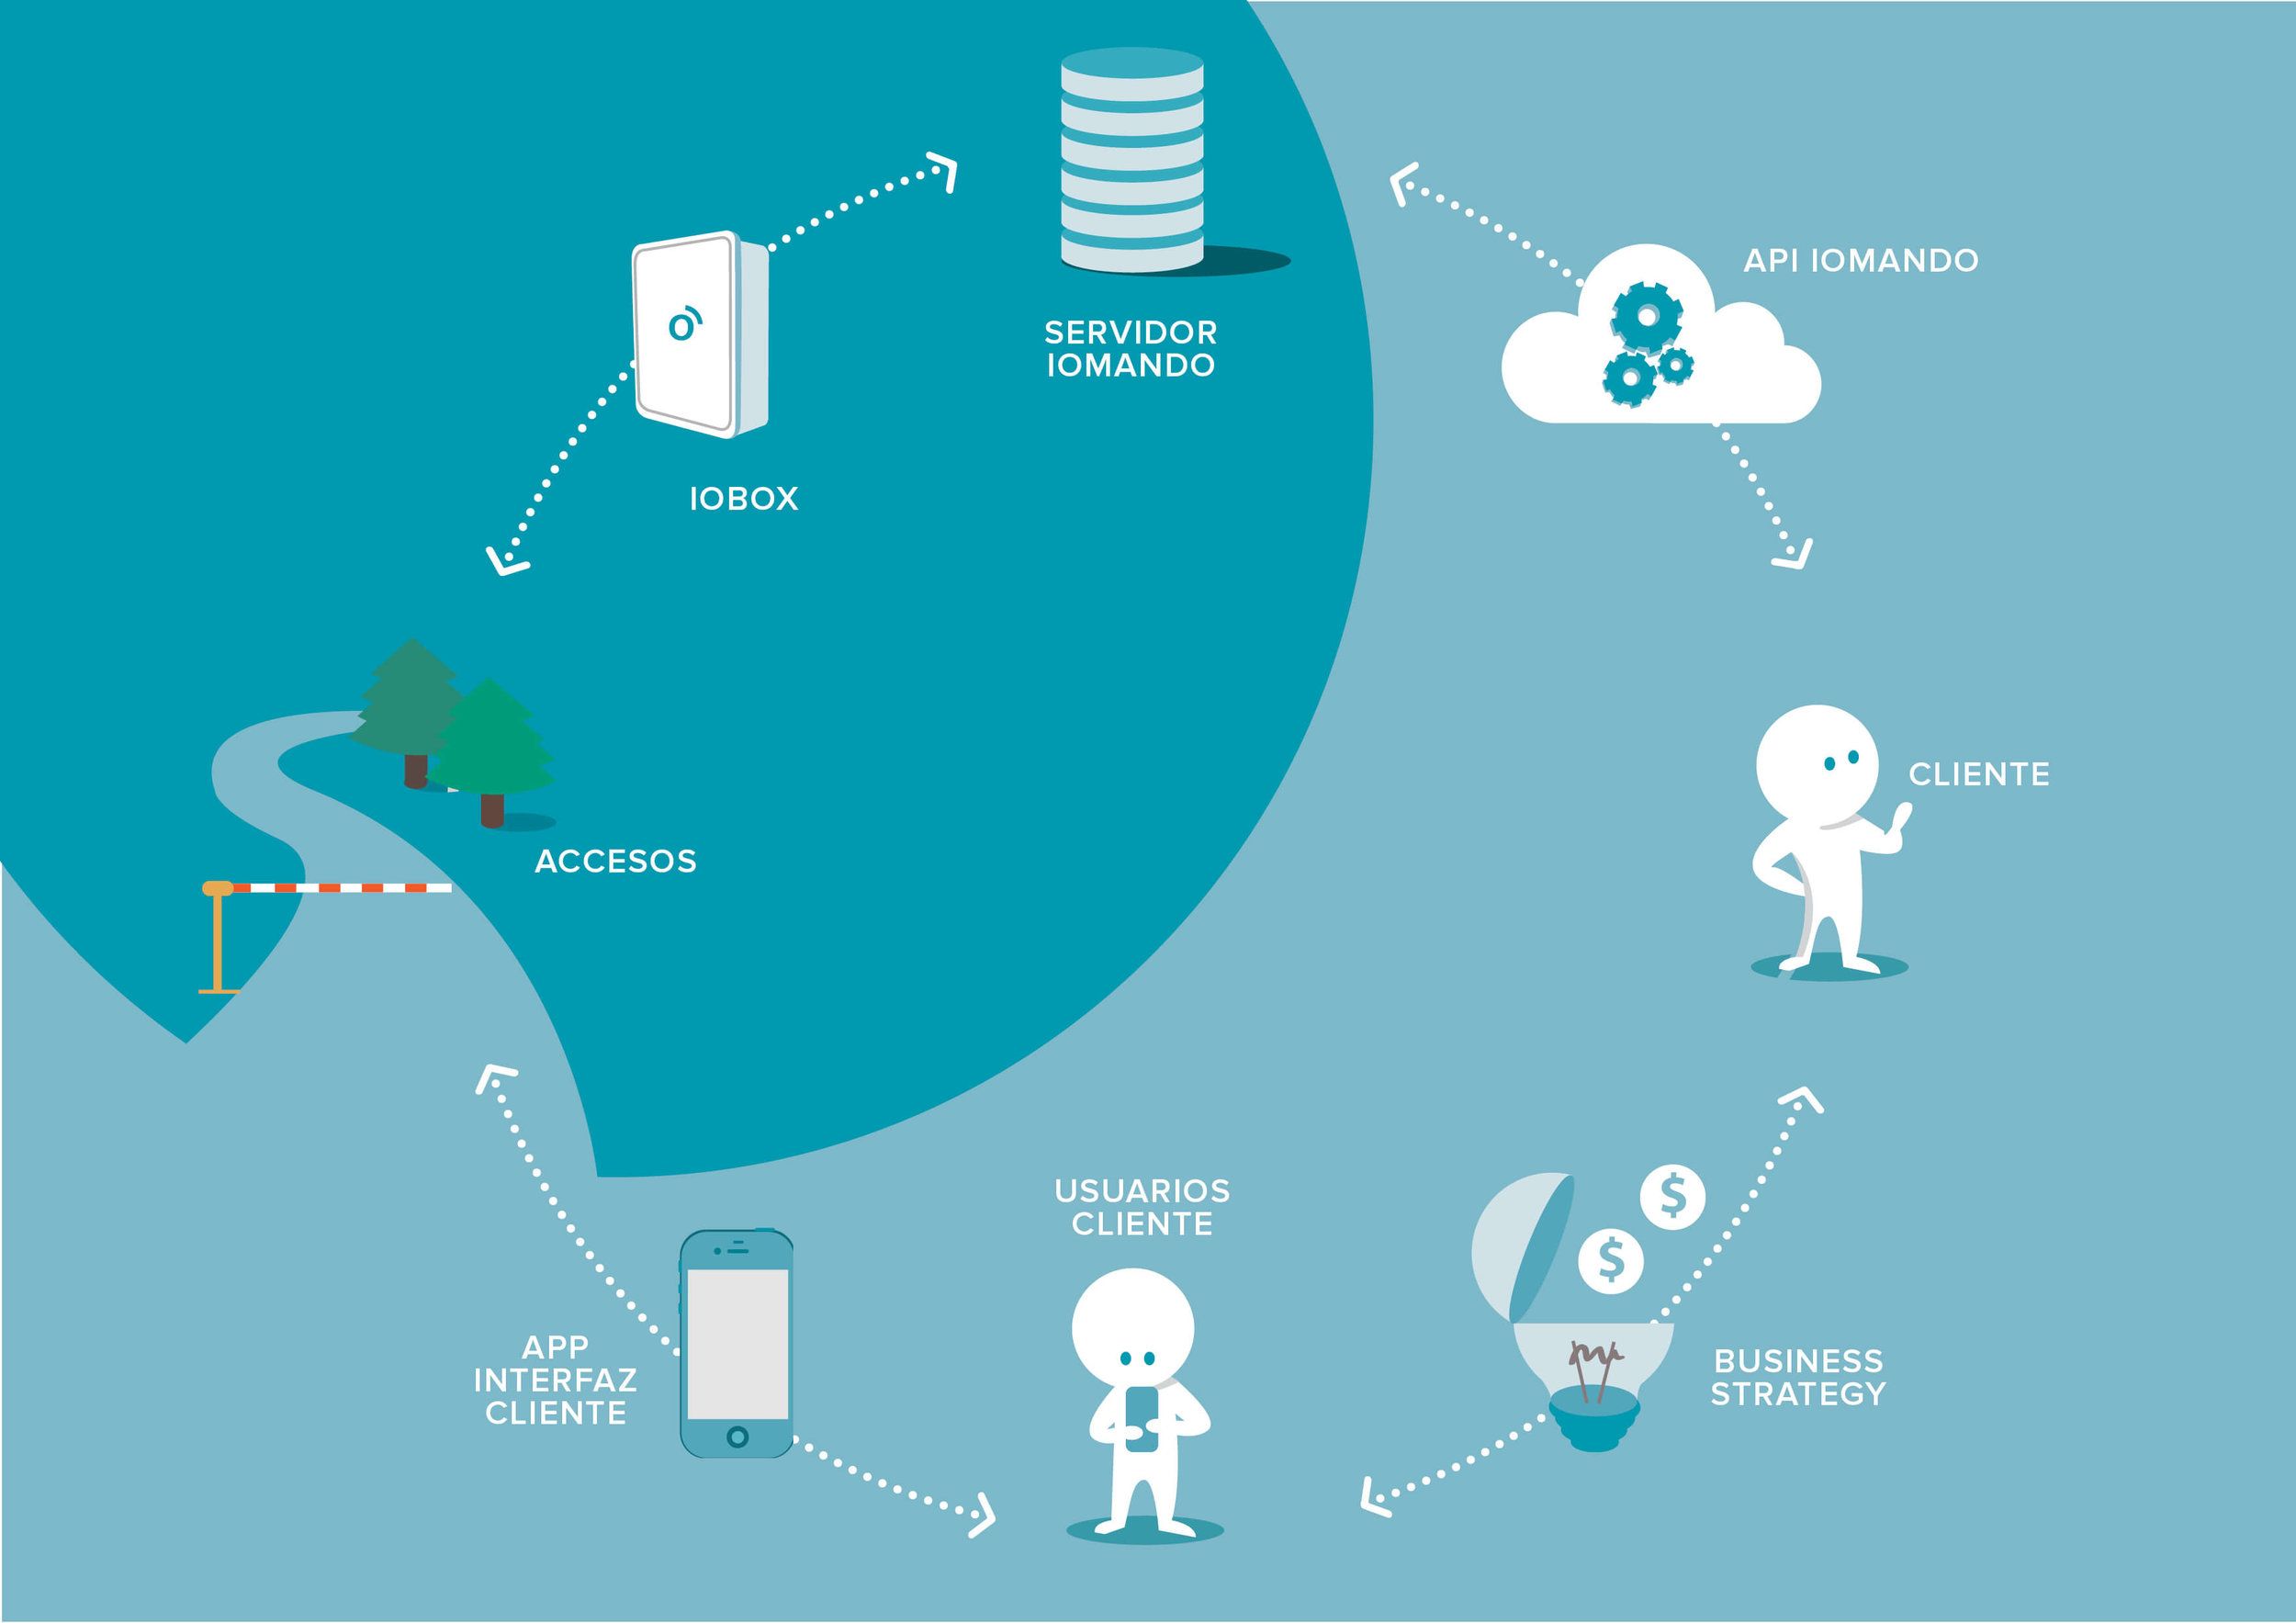 gestión de accesos, hardware, integración API de la app iomando